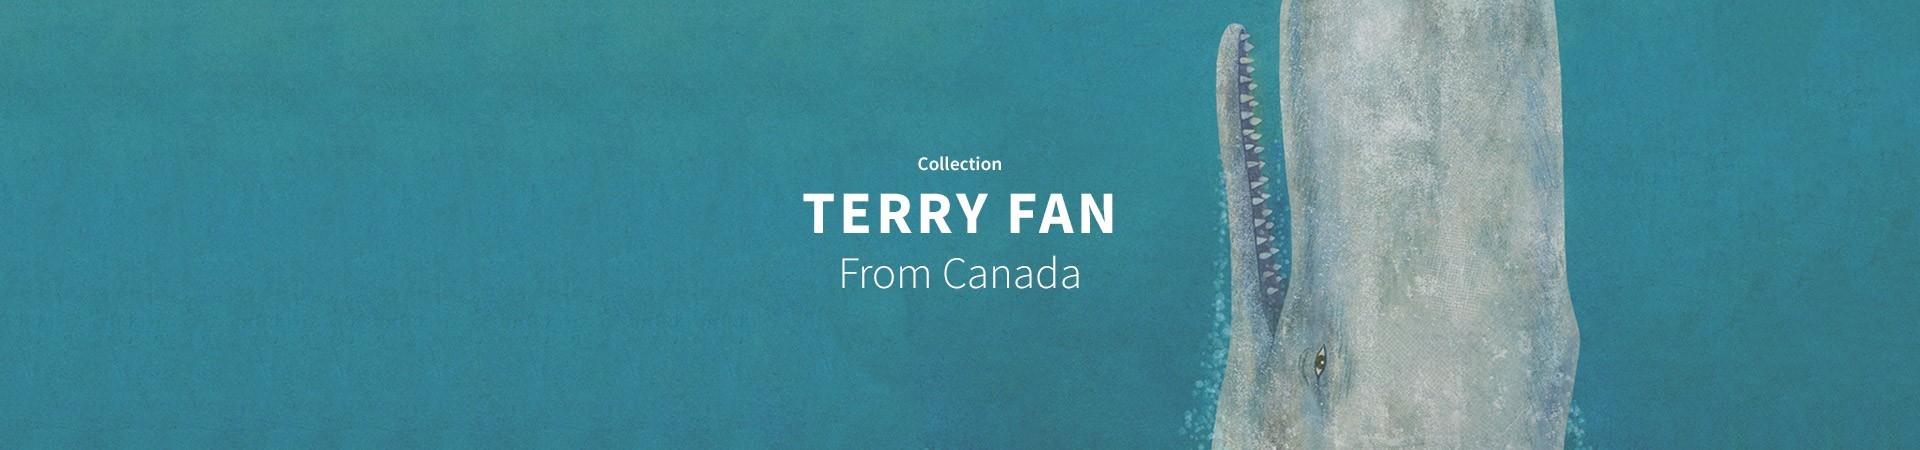 Terry Fan